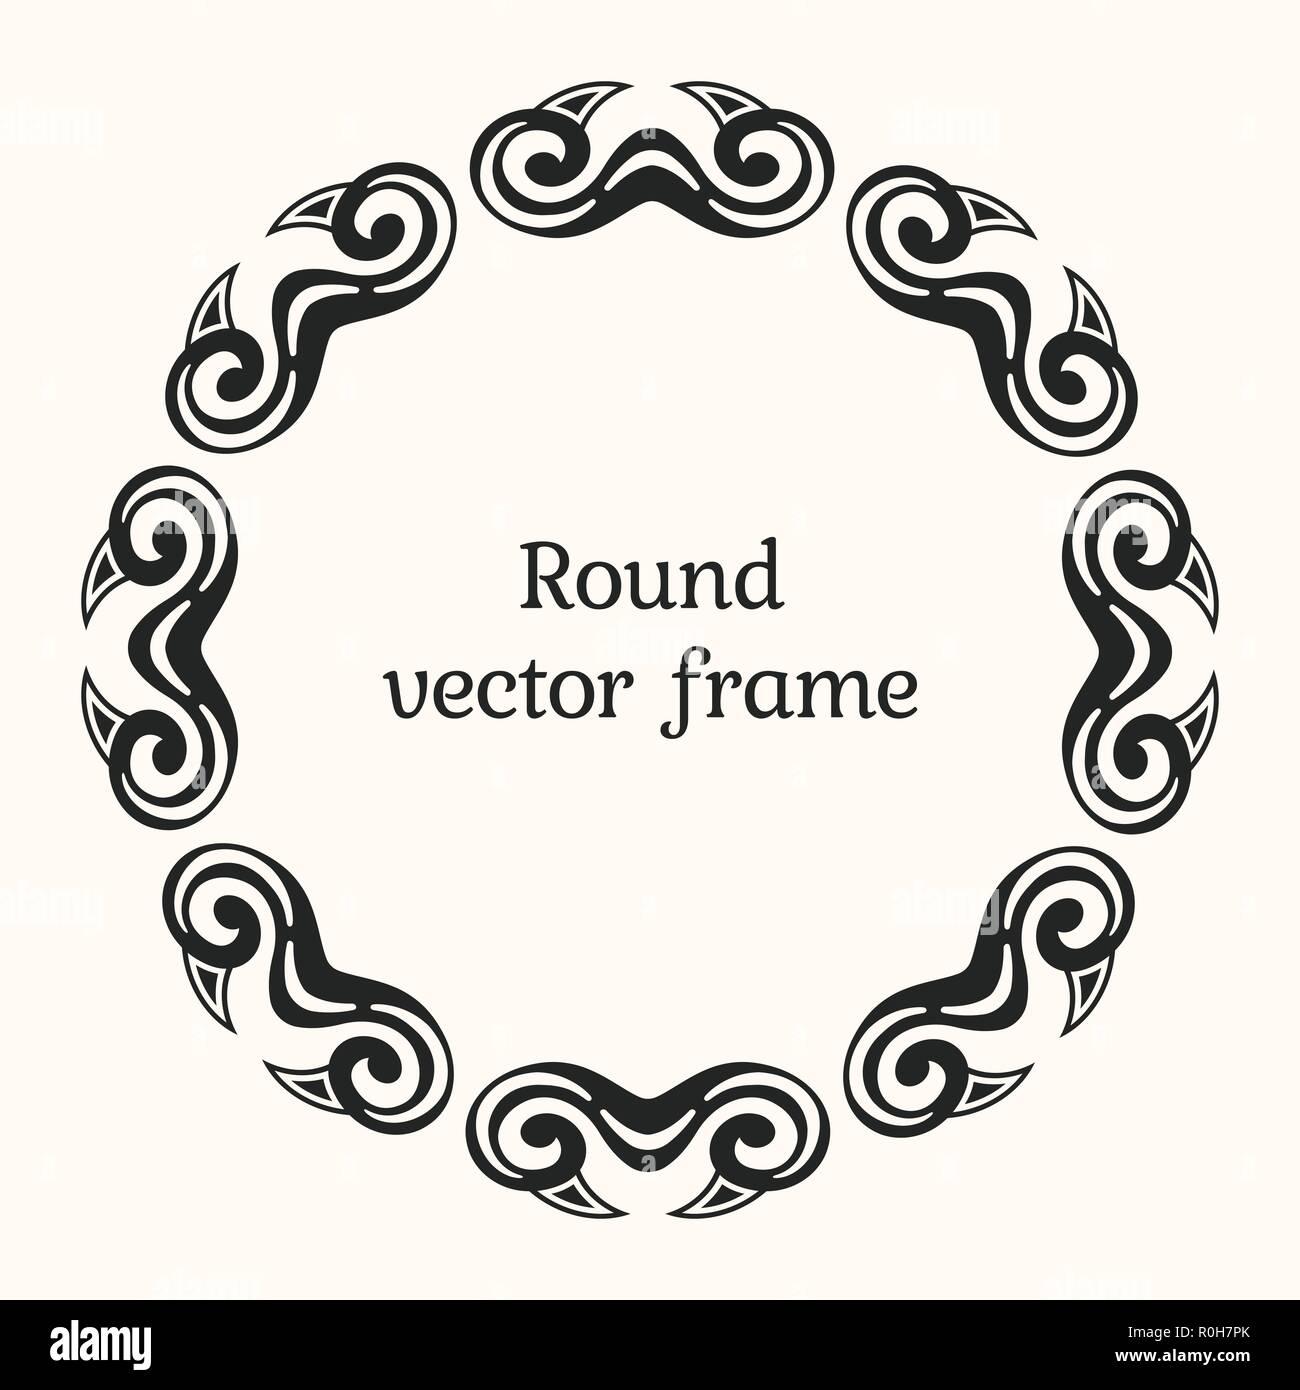 elegant luxury frame with ornate borders stylish round ornament